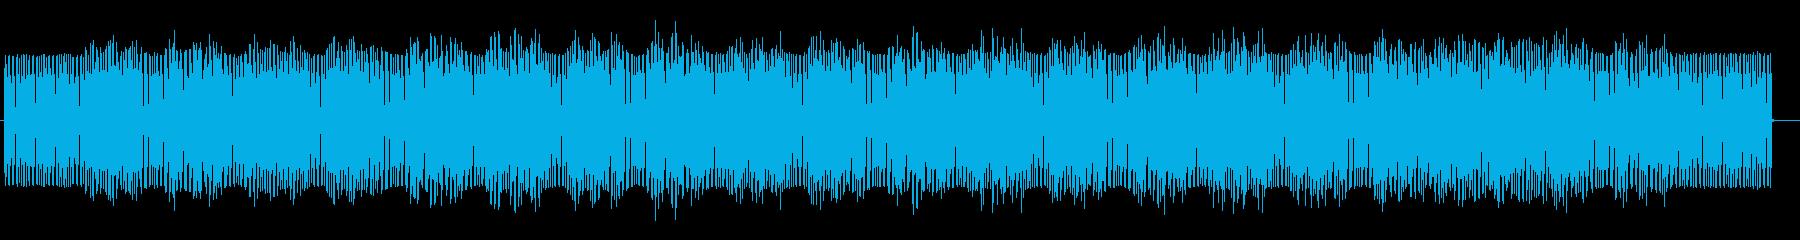 不思議奈世界が広がるシンセの曲の再生済みの波形